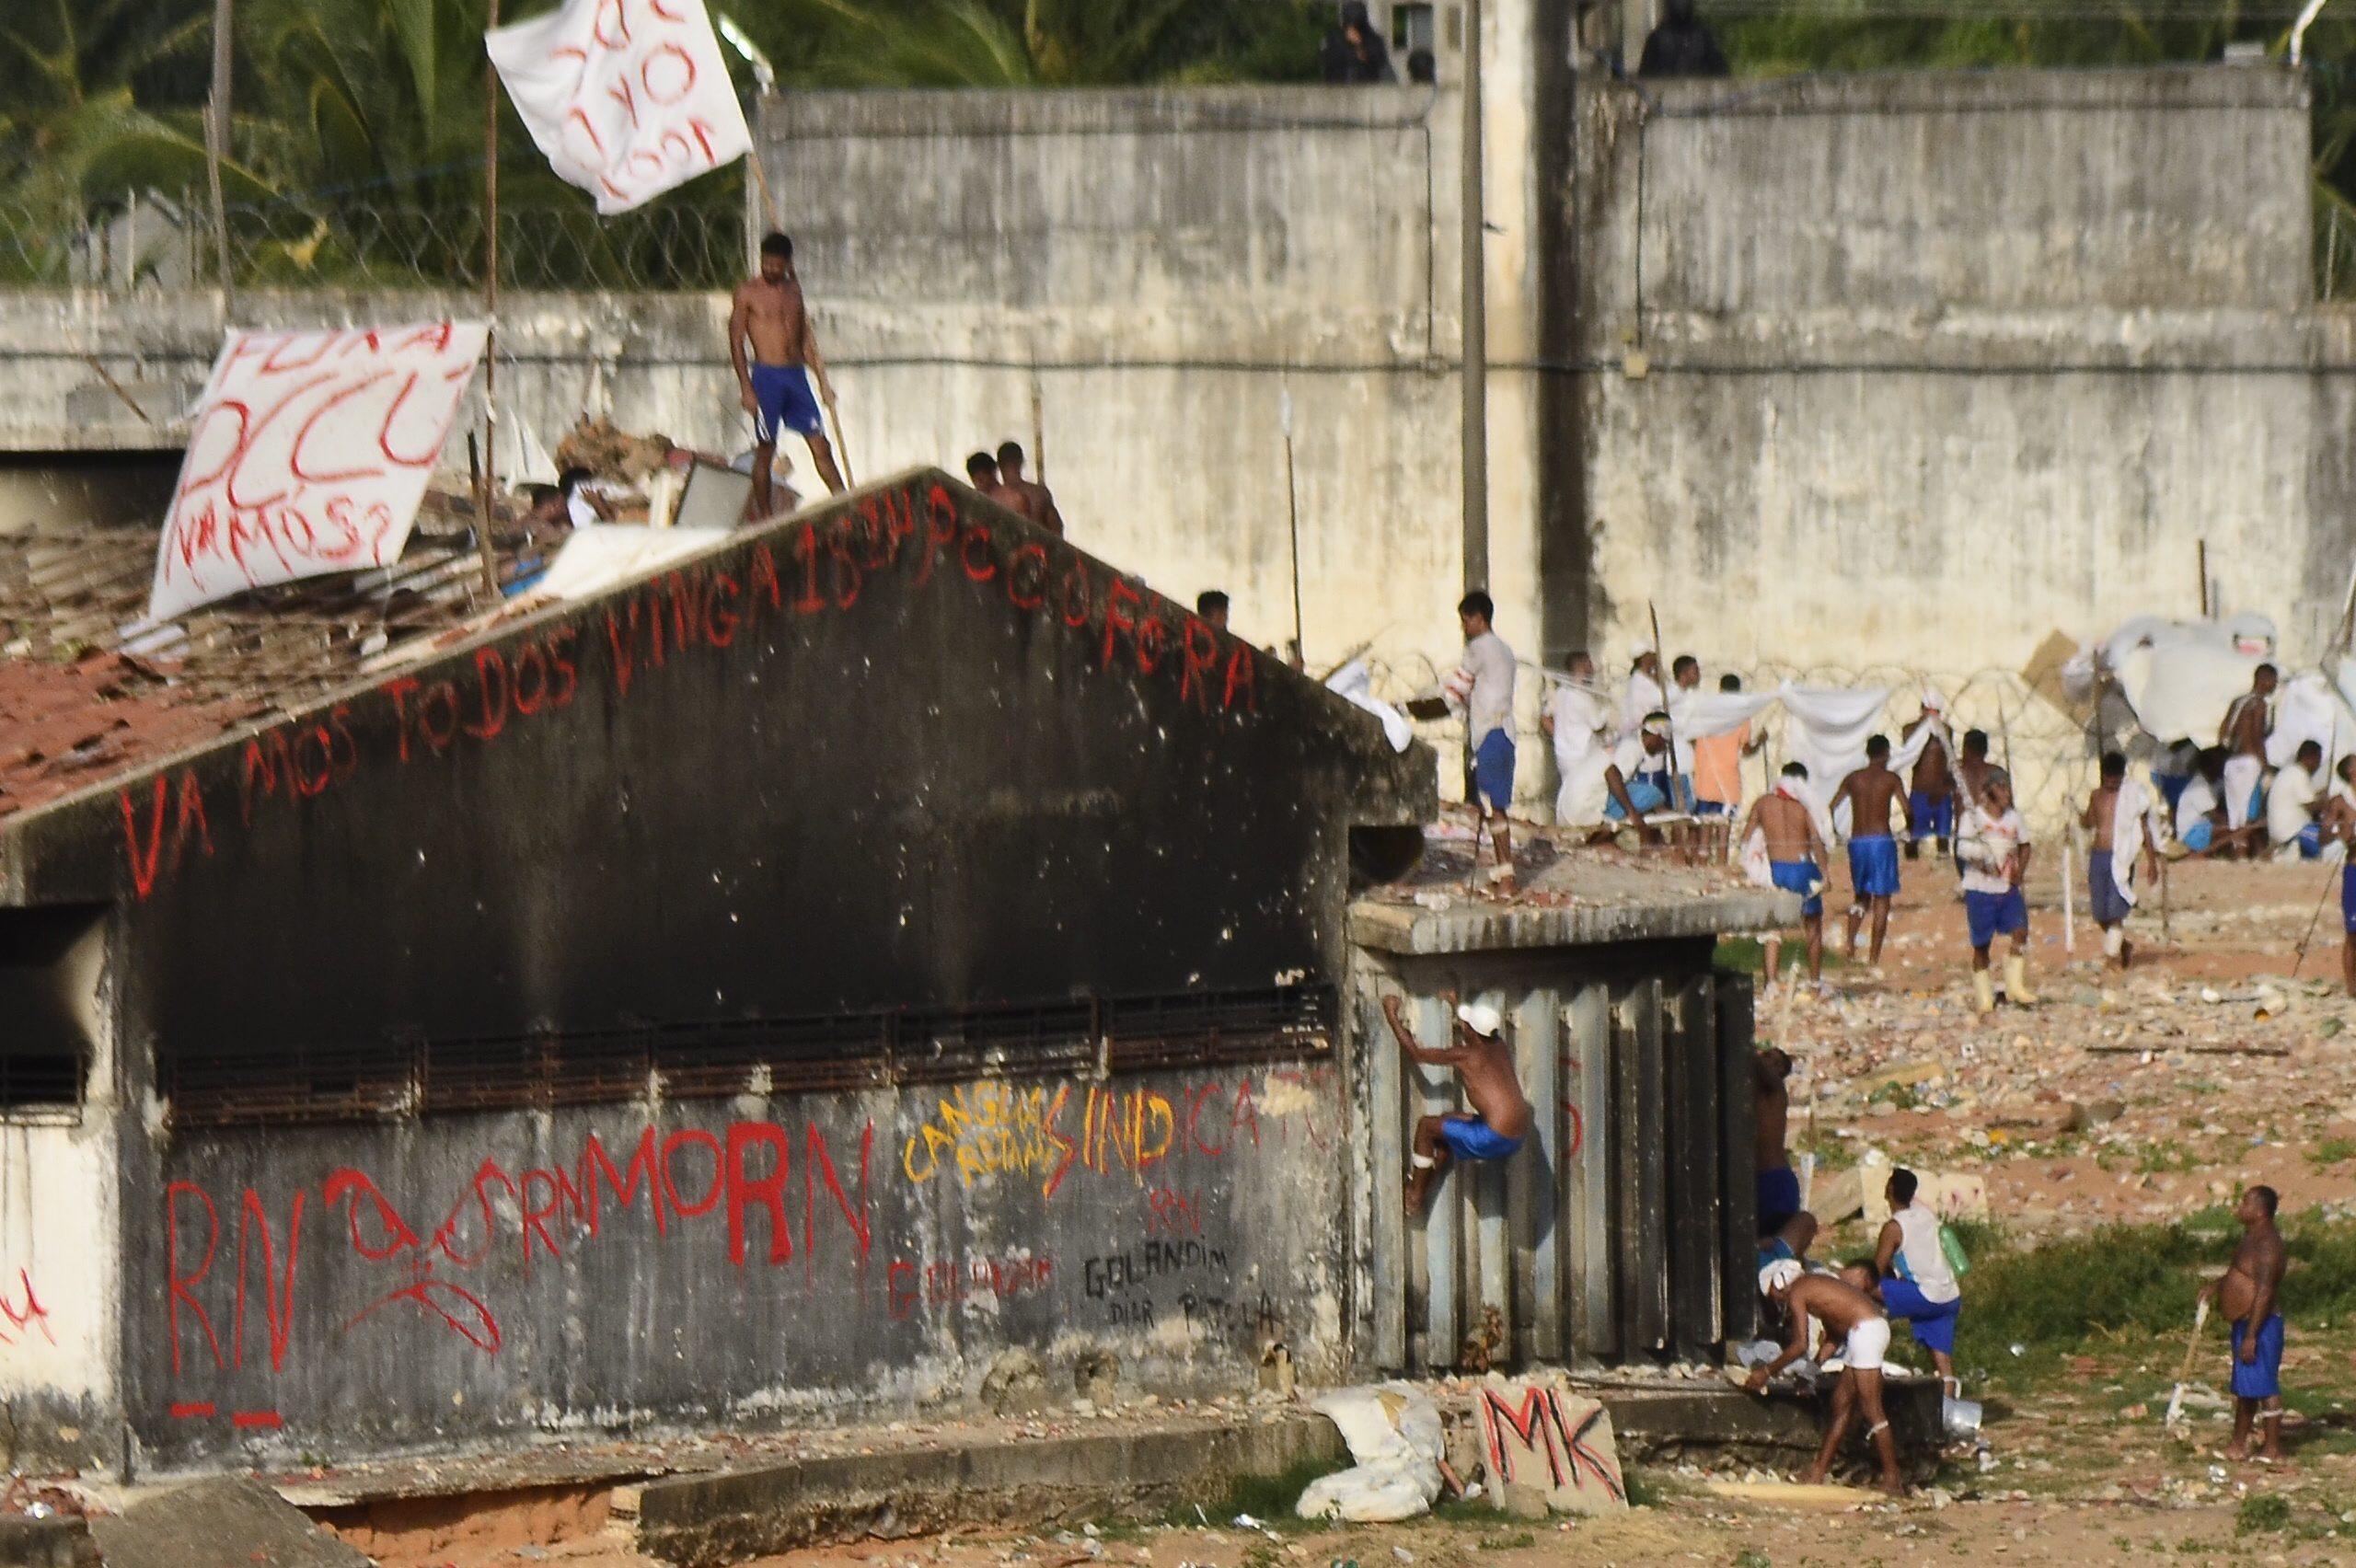 Brasil: Autoridades encontram três túneis em cadeia do Rio Grande do Norte